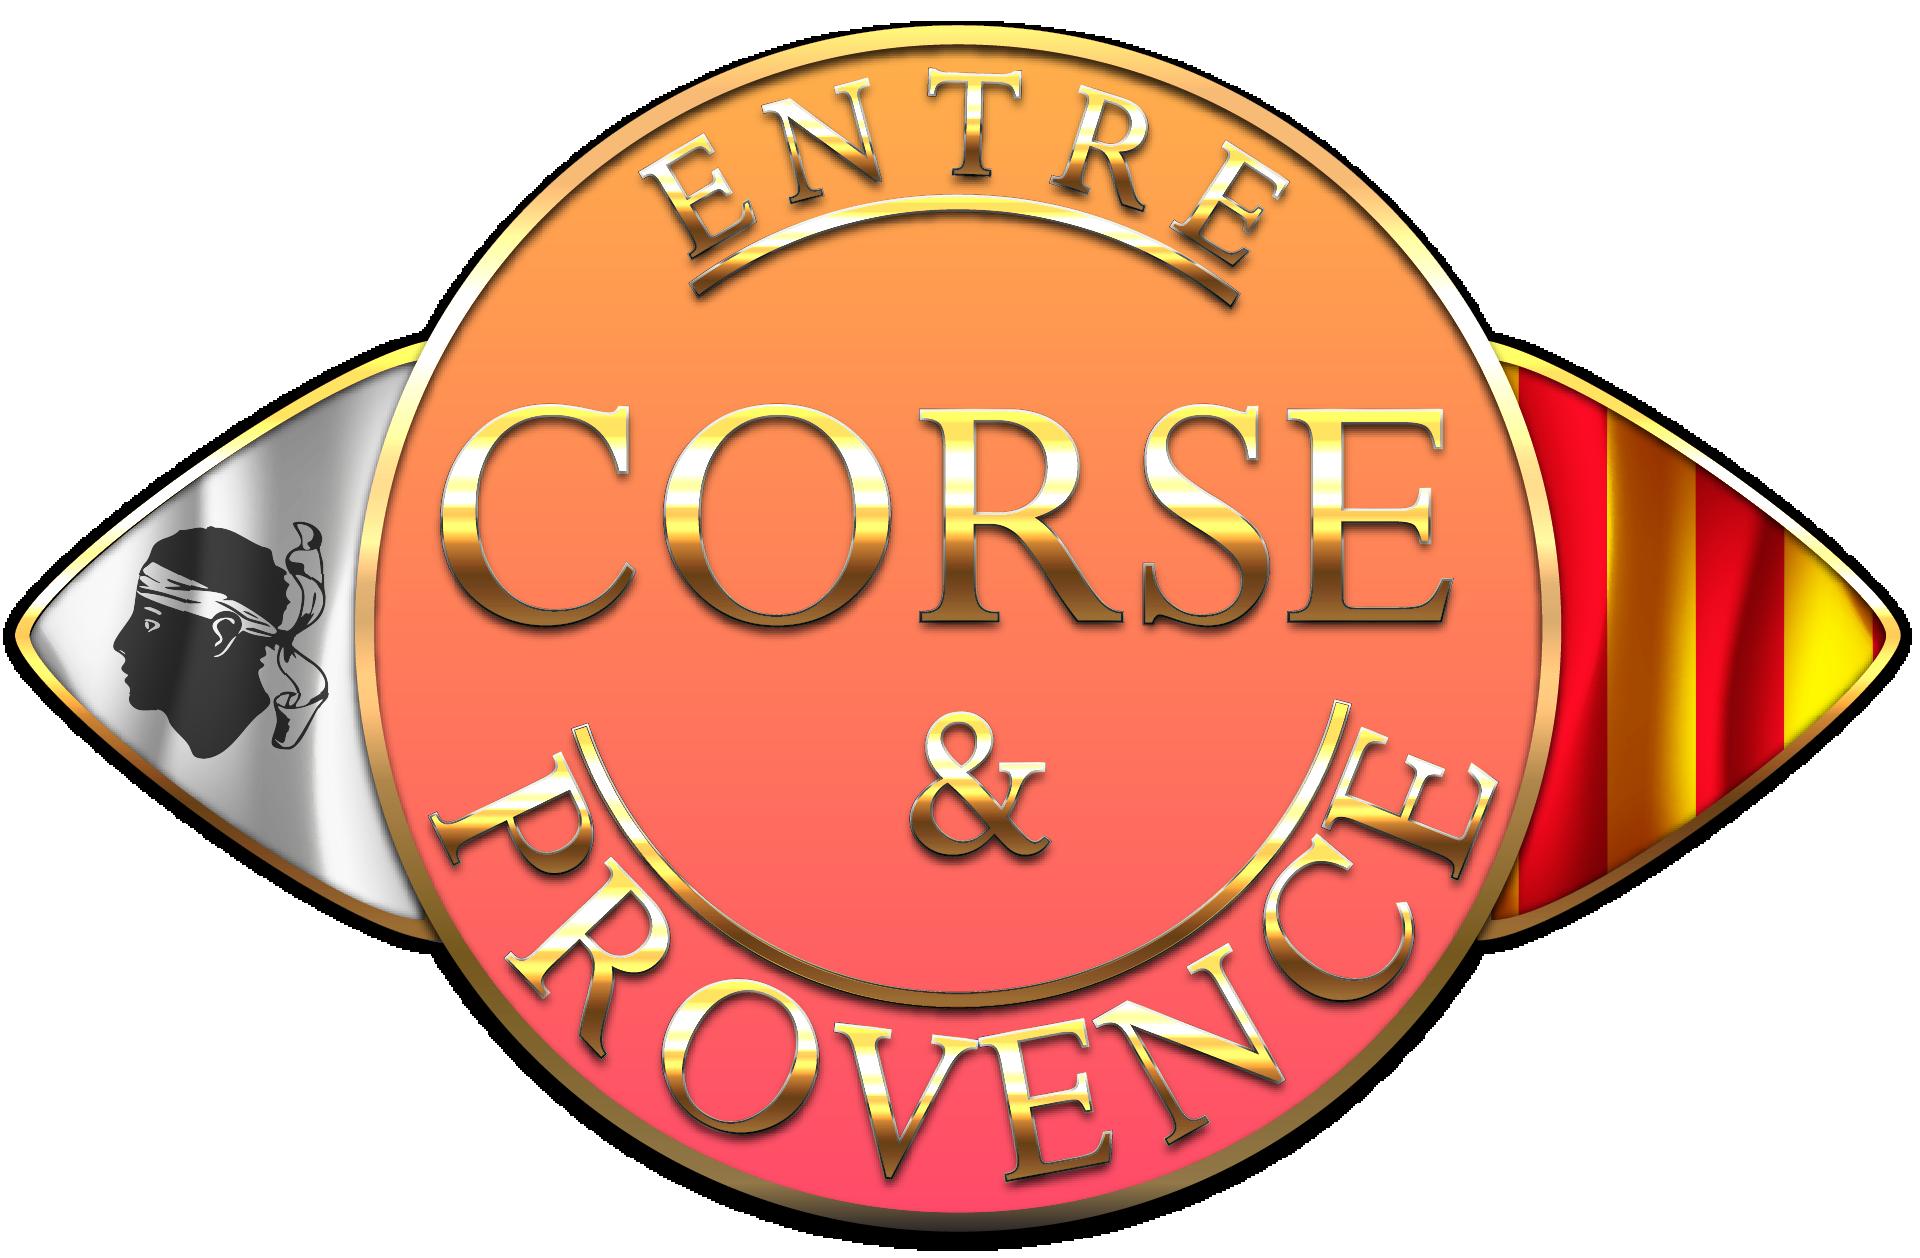 Logo-Entre-corse-et-provence-original-version-2